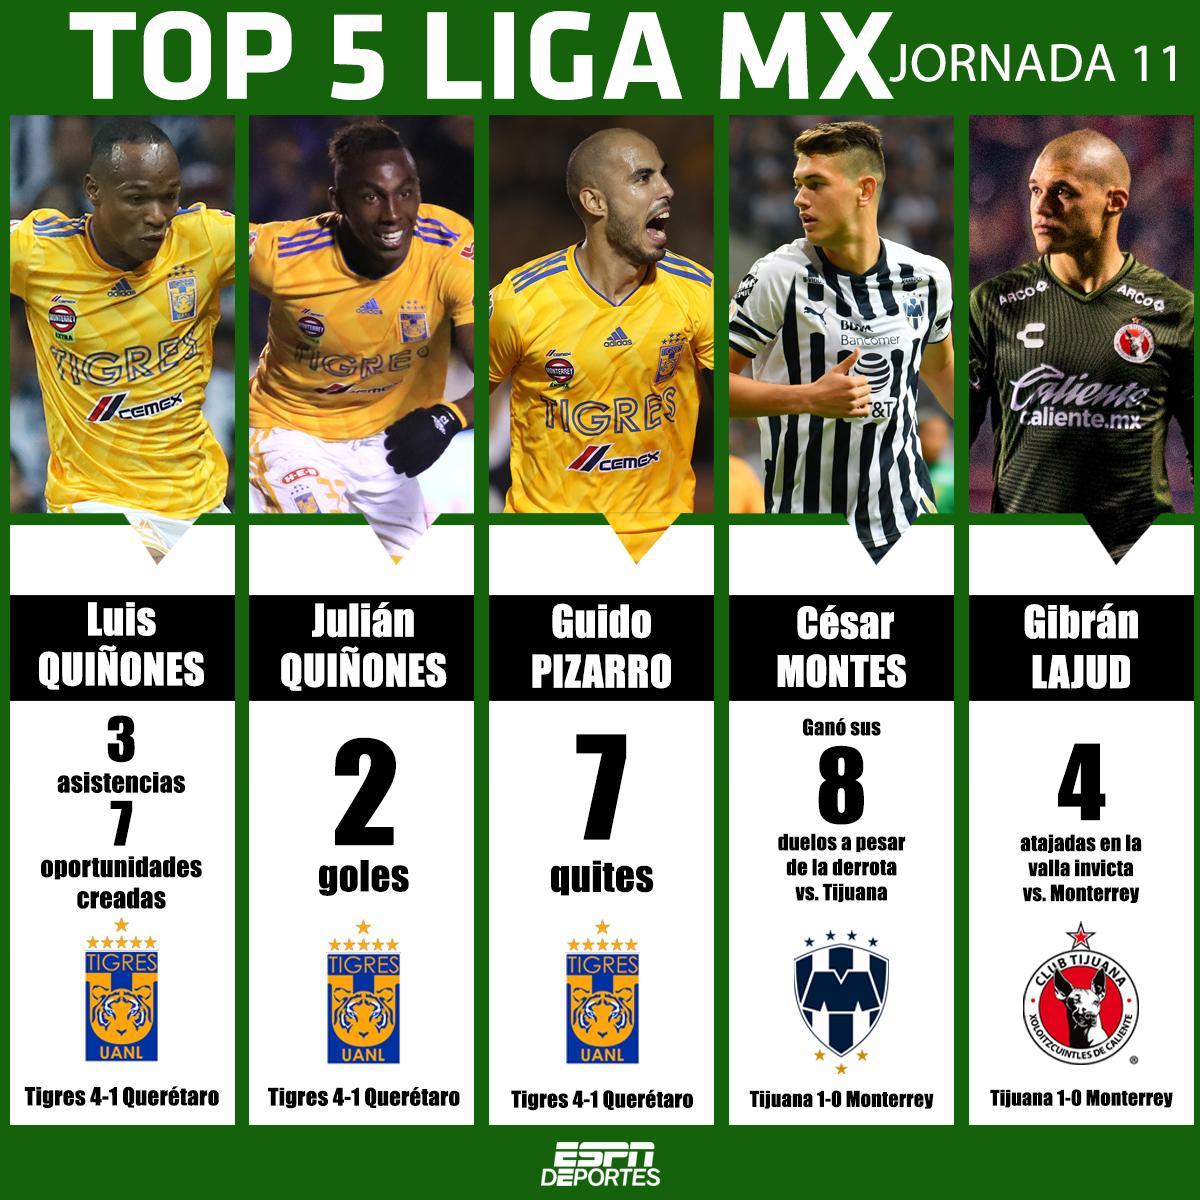 Los 🐯se apoderaron de la lista de los más destacados de la jornada Un ❤️ por su desempeño CC: @TigresOficial